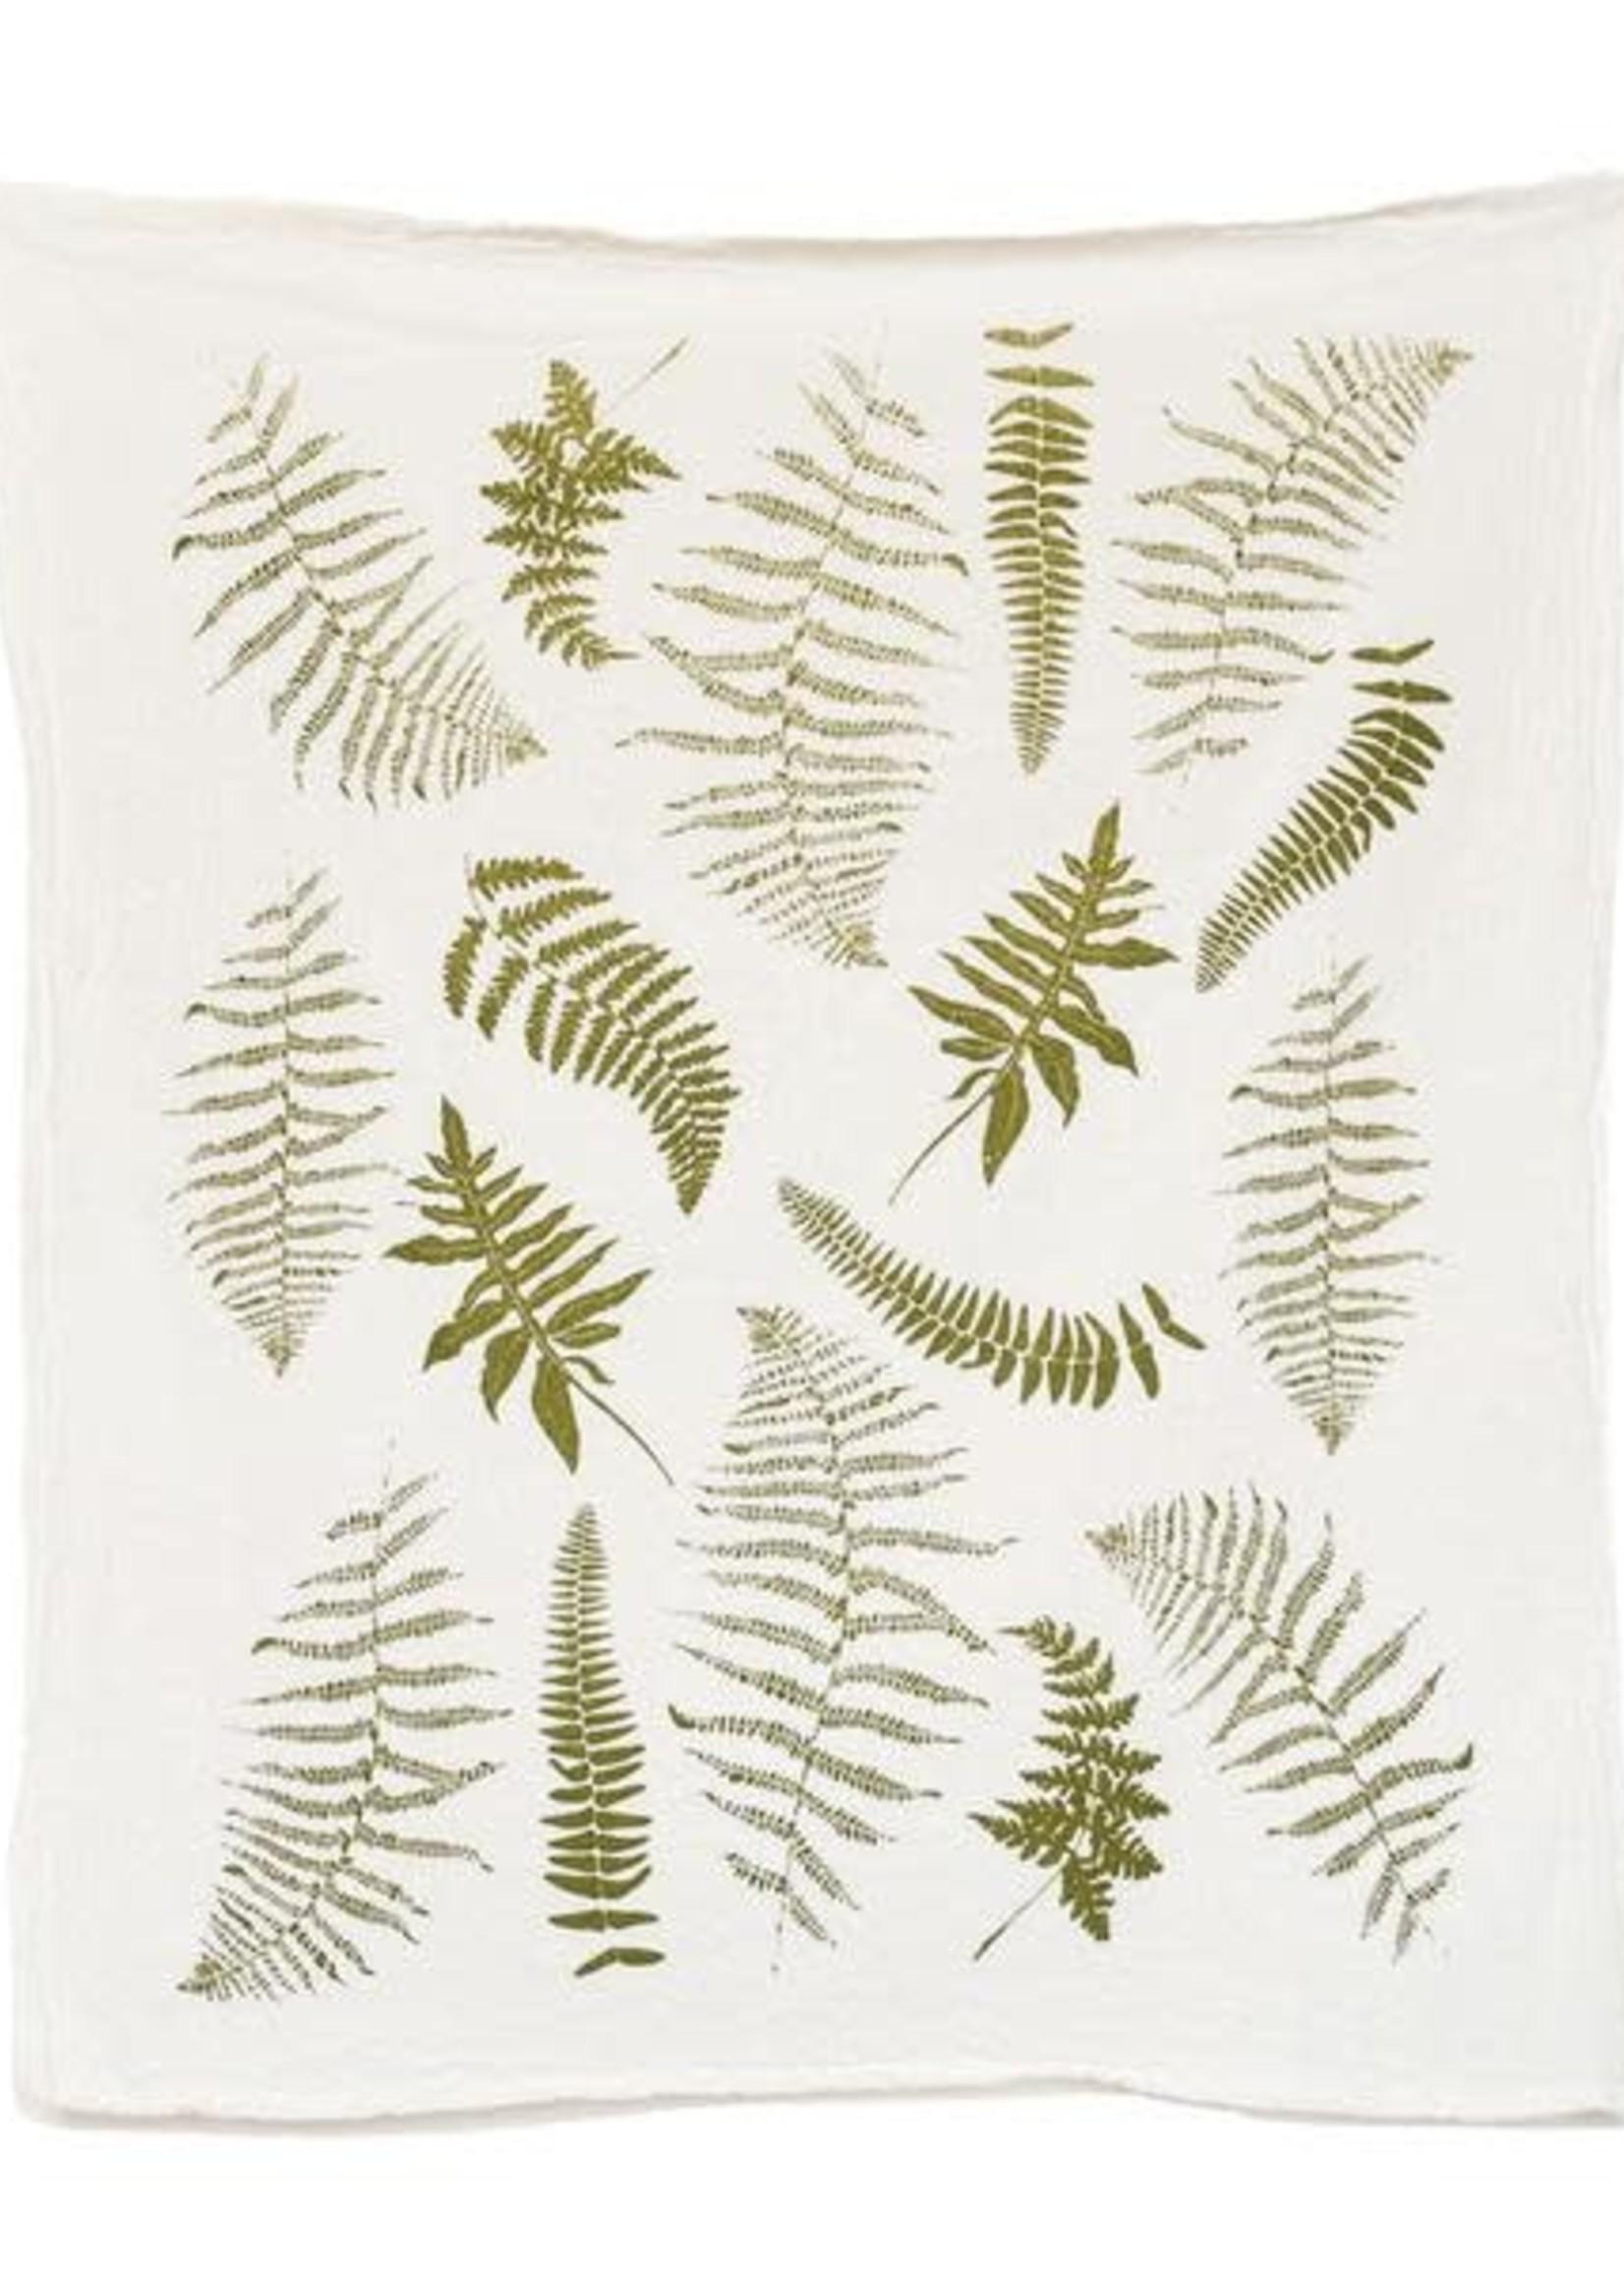 June & December Fronds Tea Towel